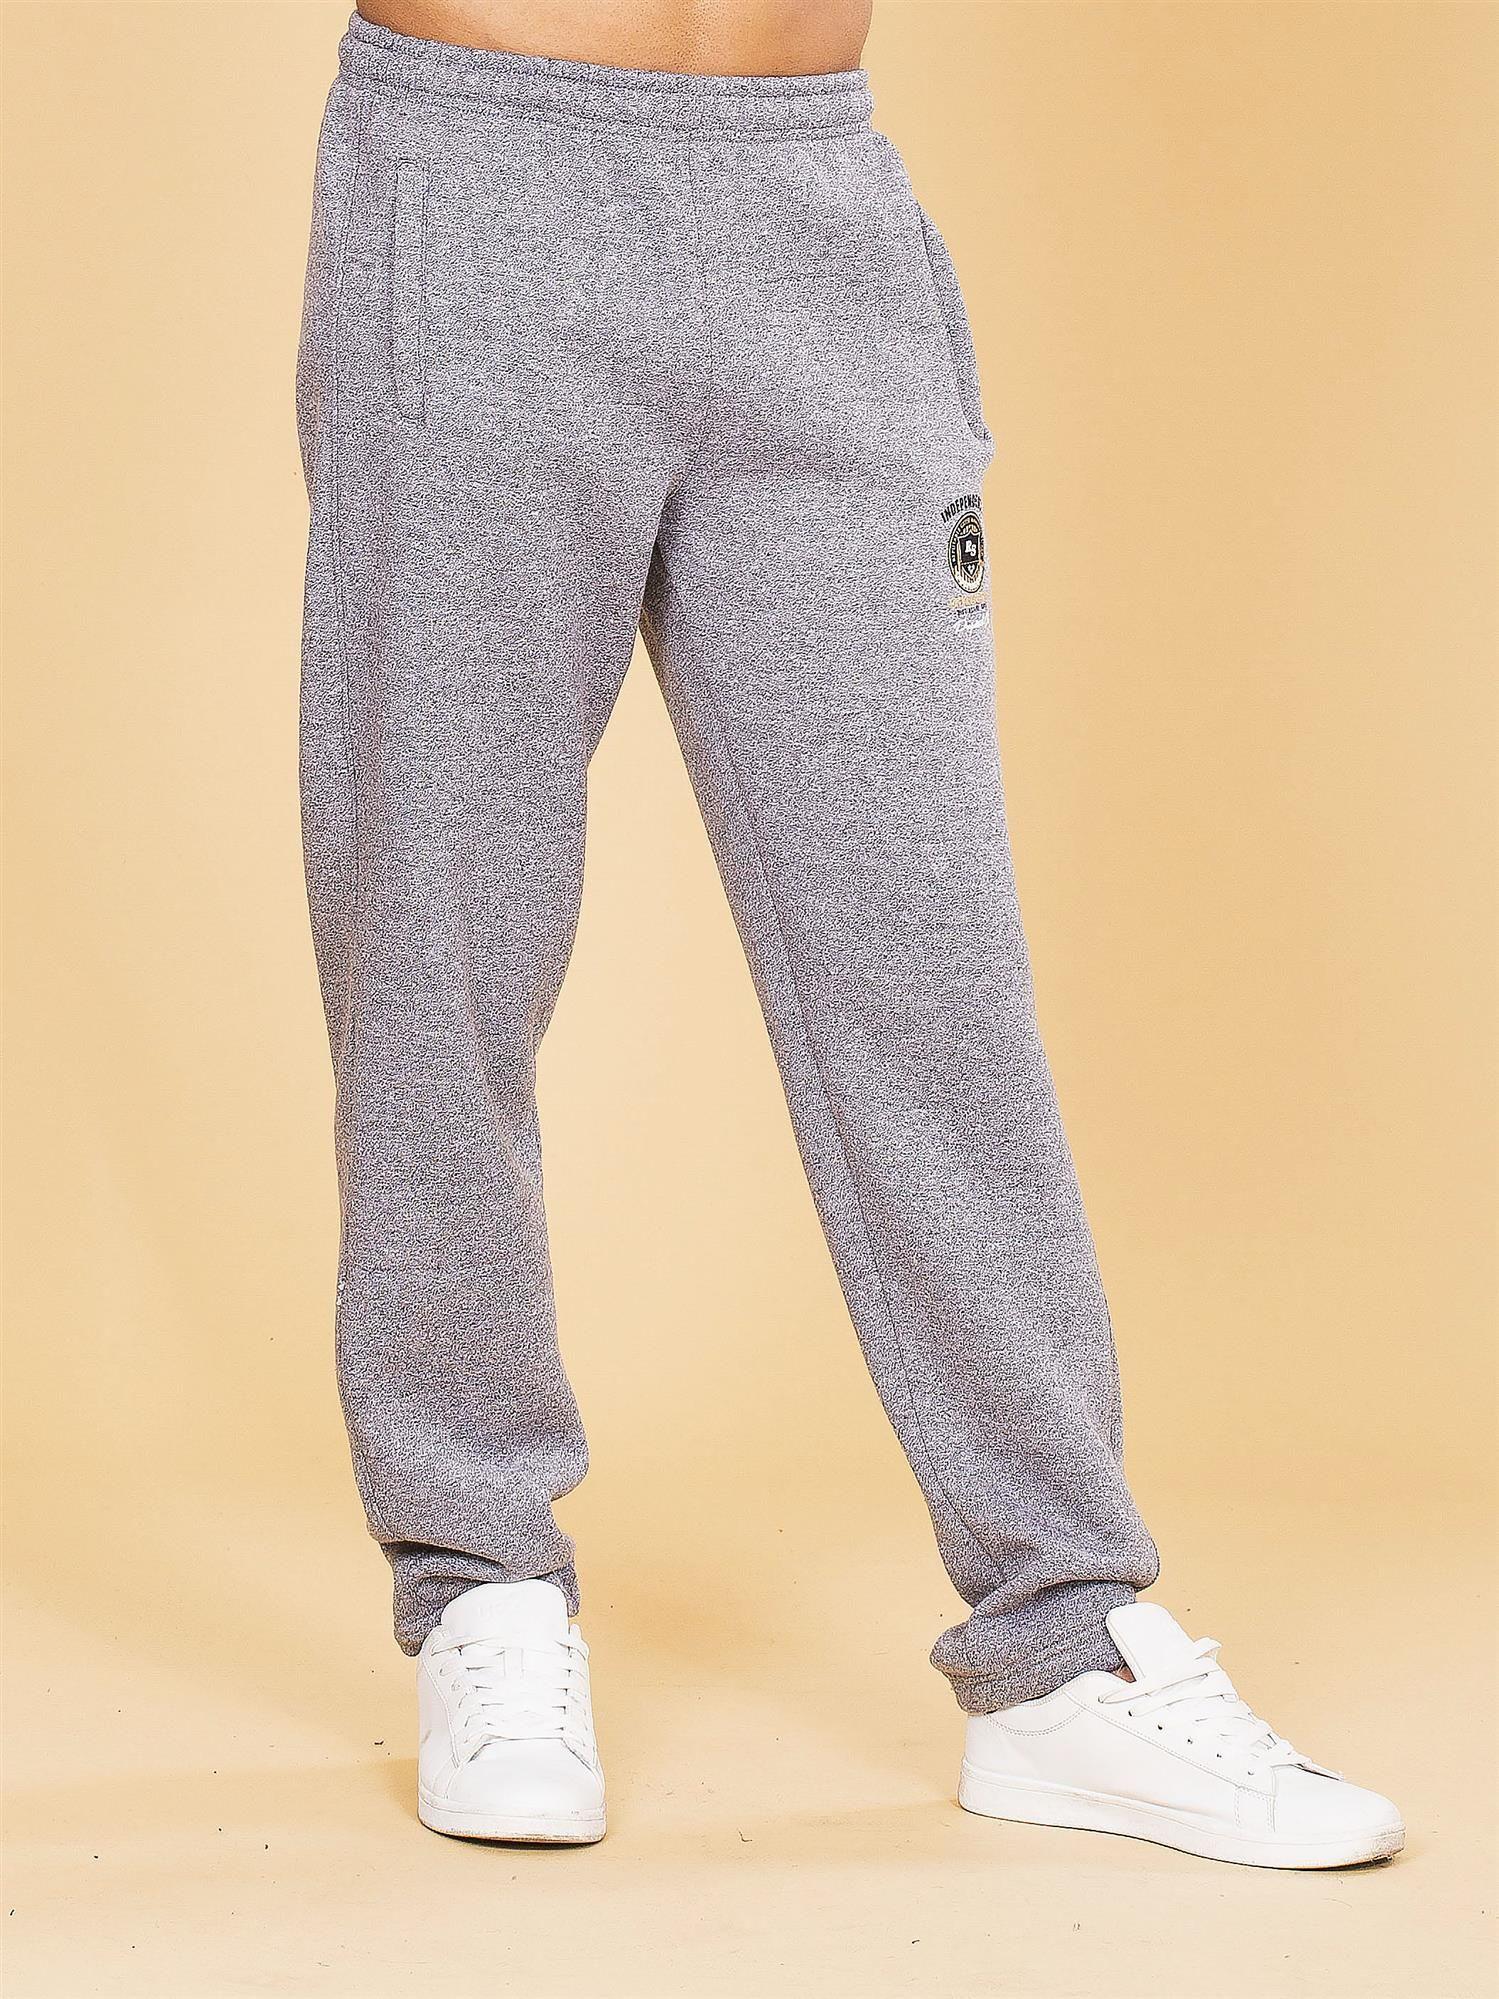 produkty wysokiej jakości sprzedaż usa online Nowe Produkty Ocieplane męskie spodnie dresowe szare